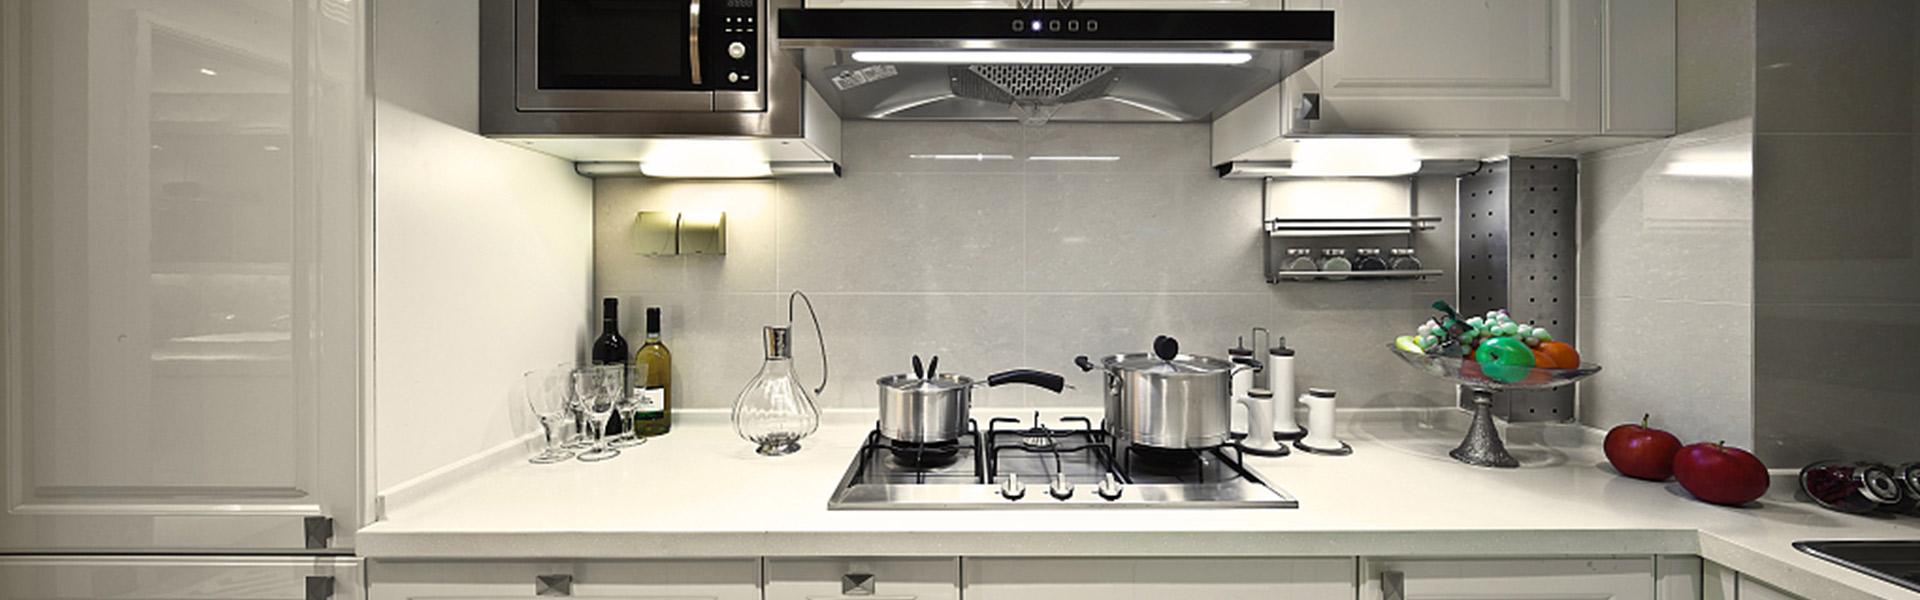 光纤激光切割在厨具行业的应用